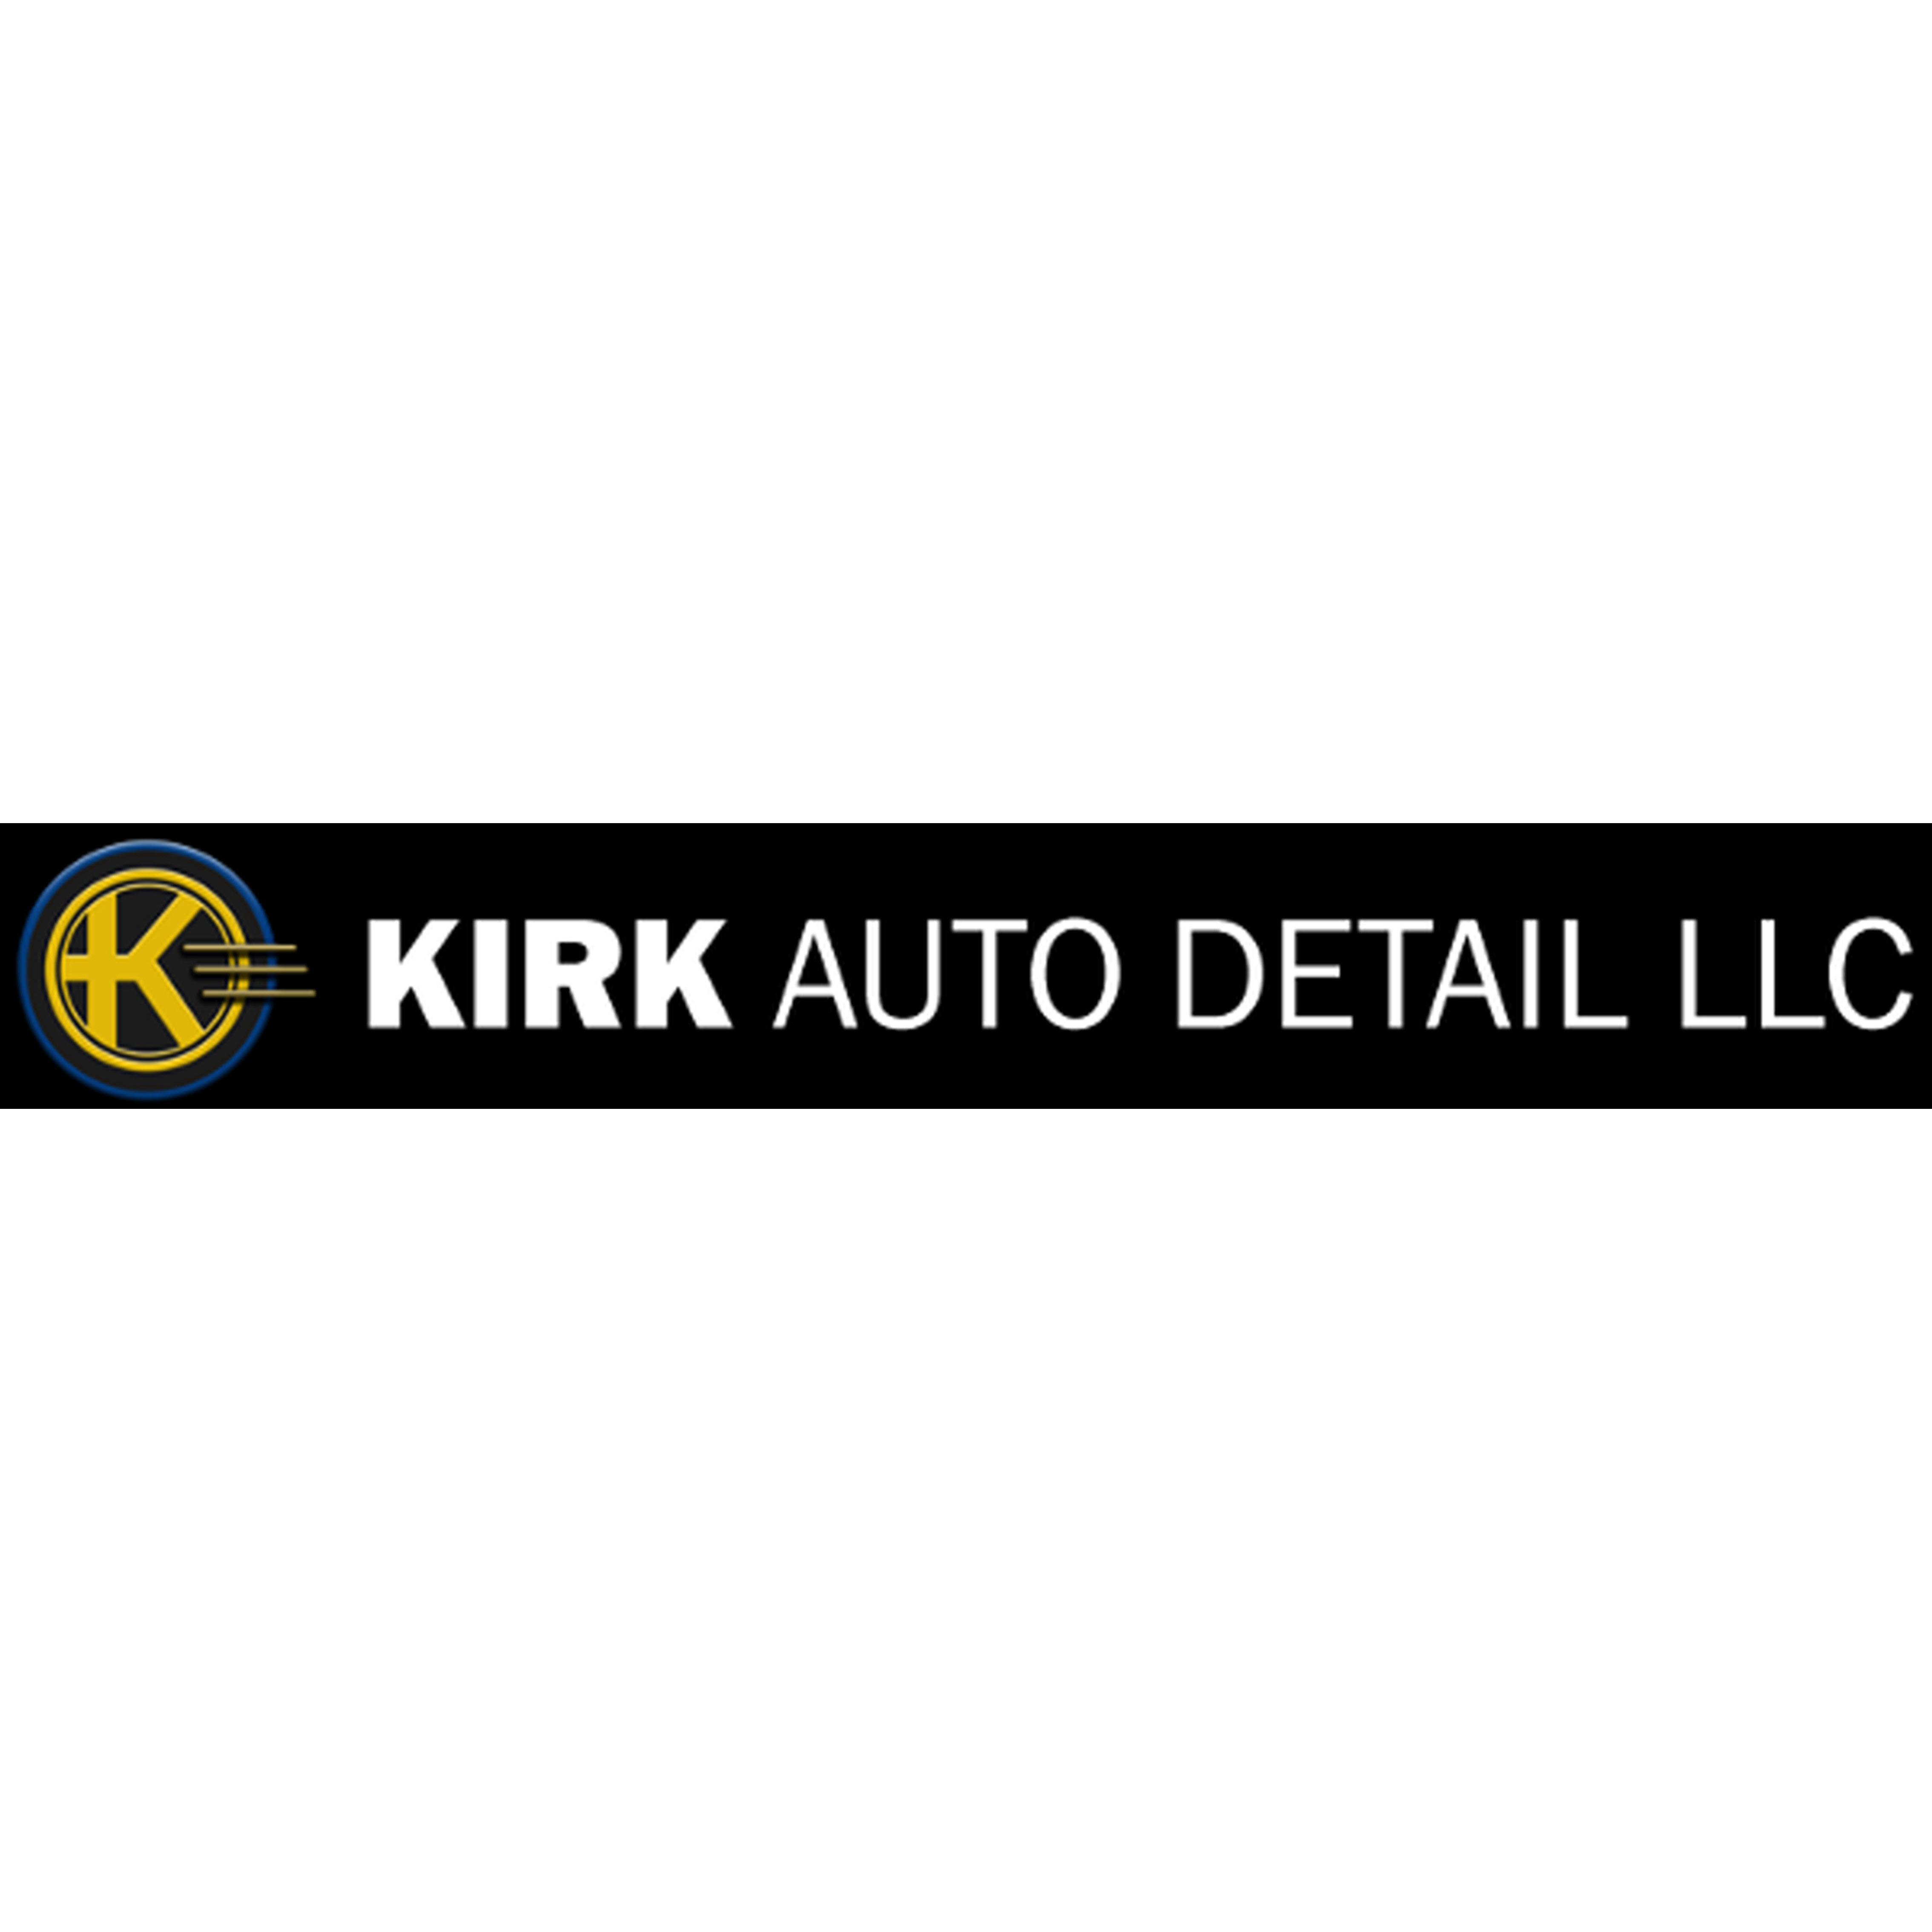 Kirk Auto Detail LLC